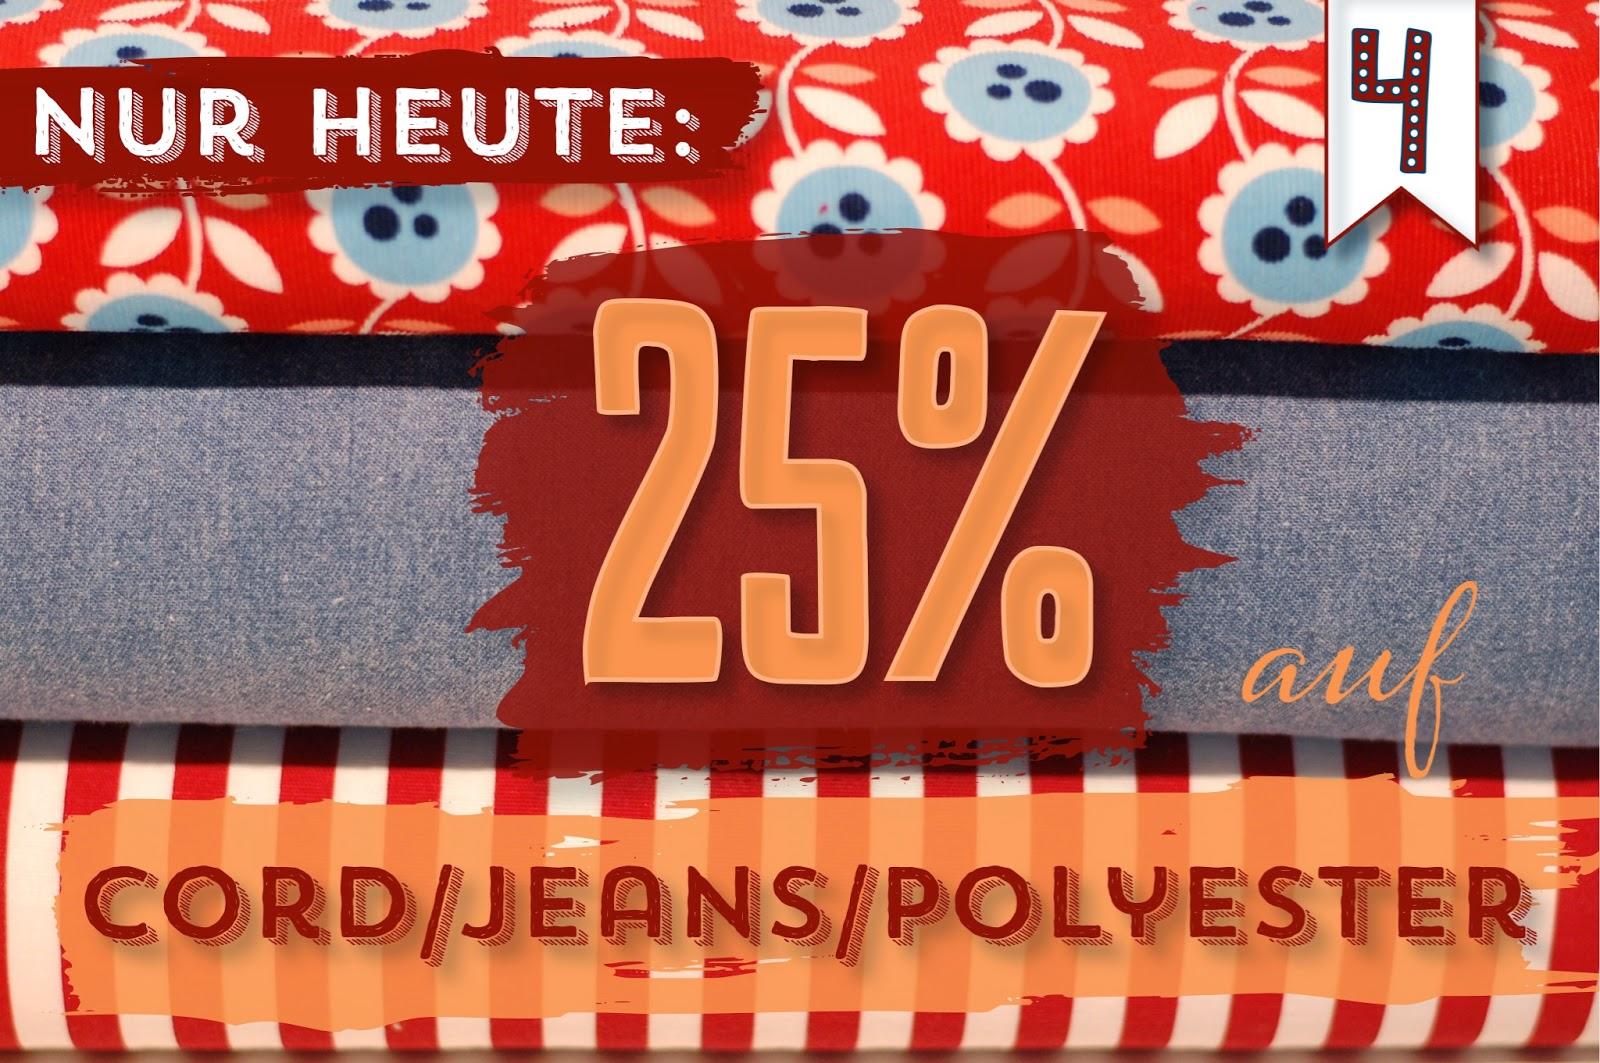 Türchen N°4 im Adventsmirakel: 25% auf Cord/ Jeans/ Polyester-Stoffe! 1